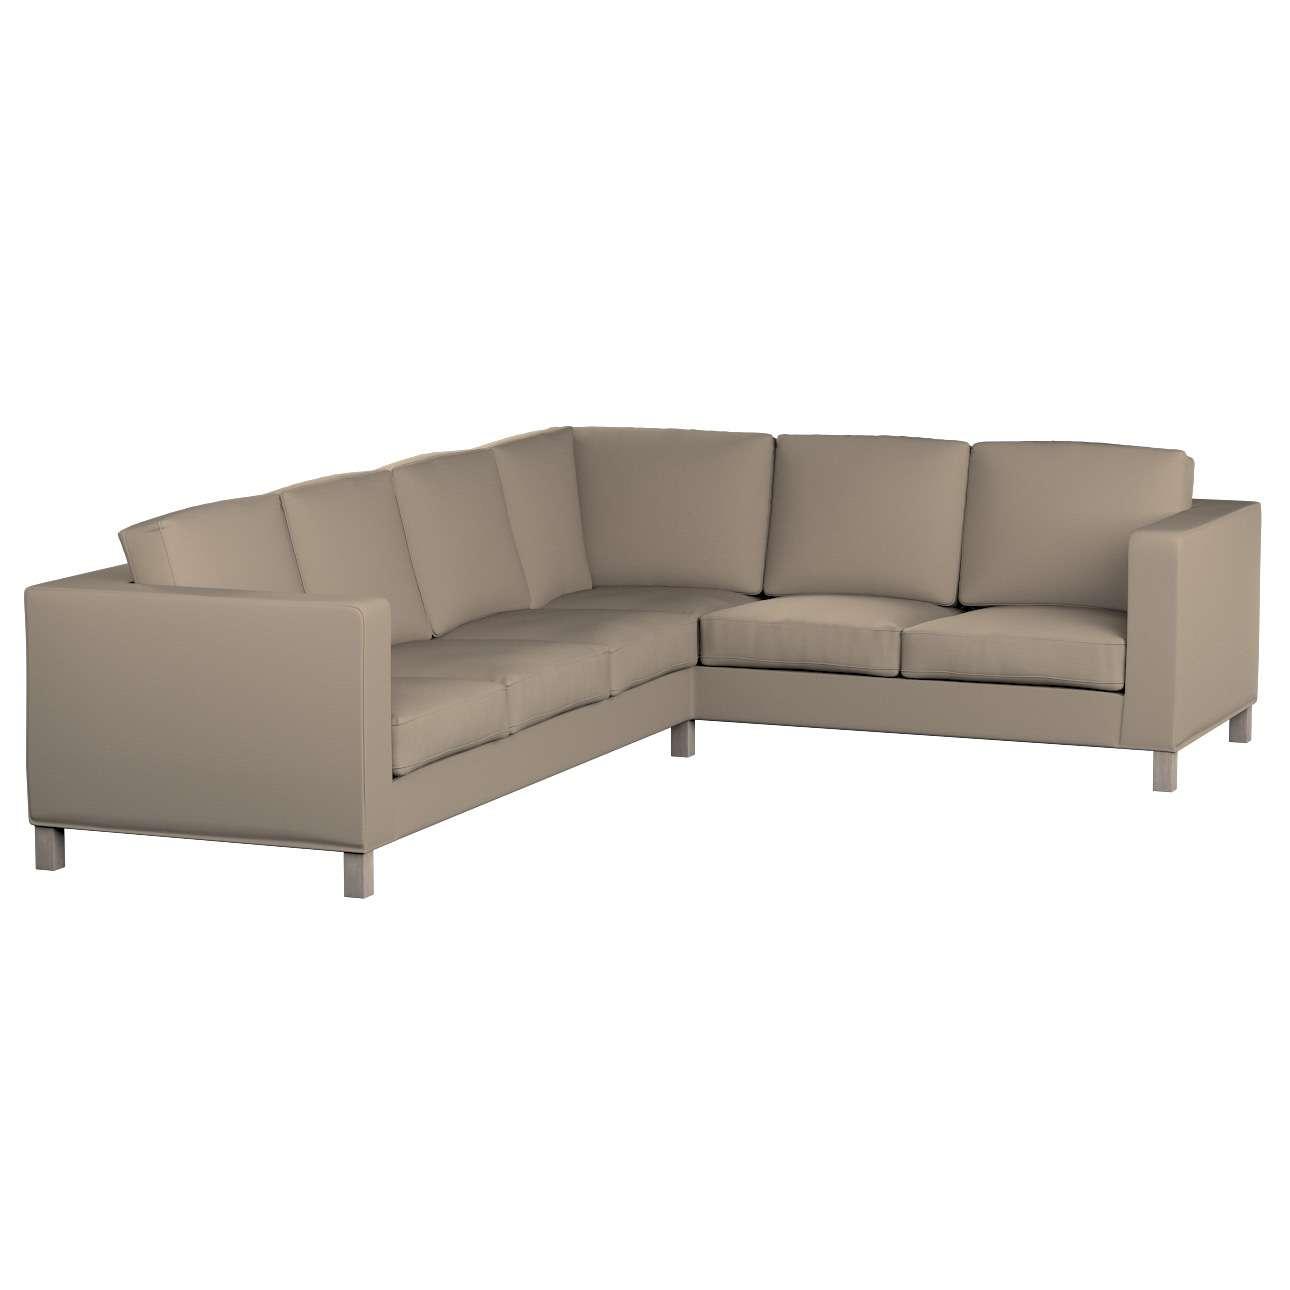 Pokrowiec na sofę narożną lewostronną Karlanda w kolekcji Cotton Panama, tkanina: 702-28